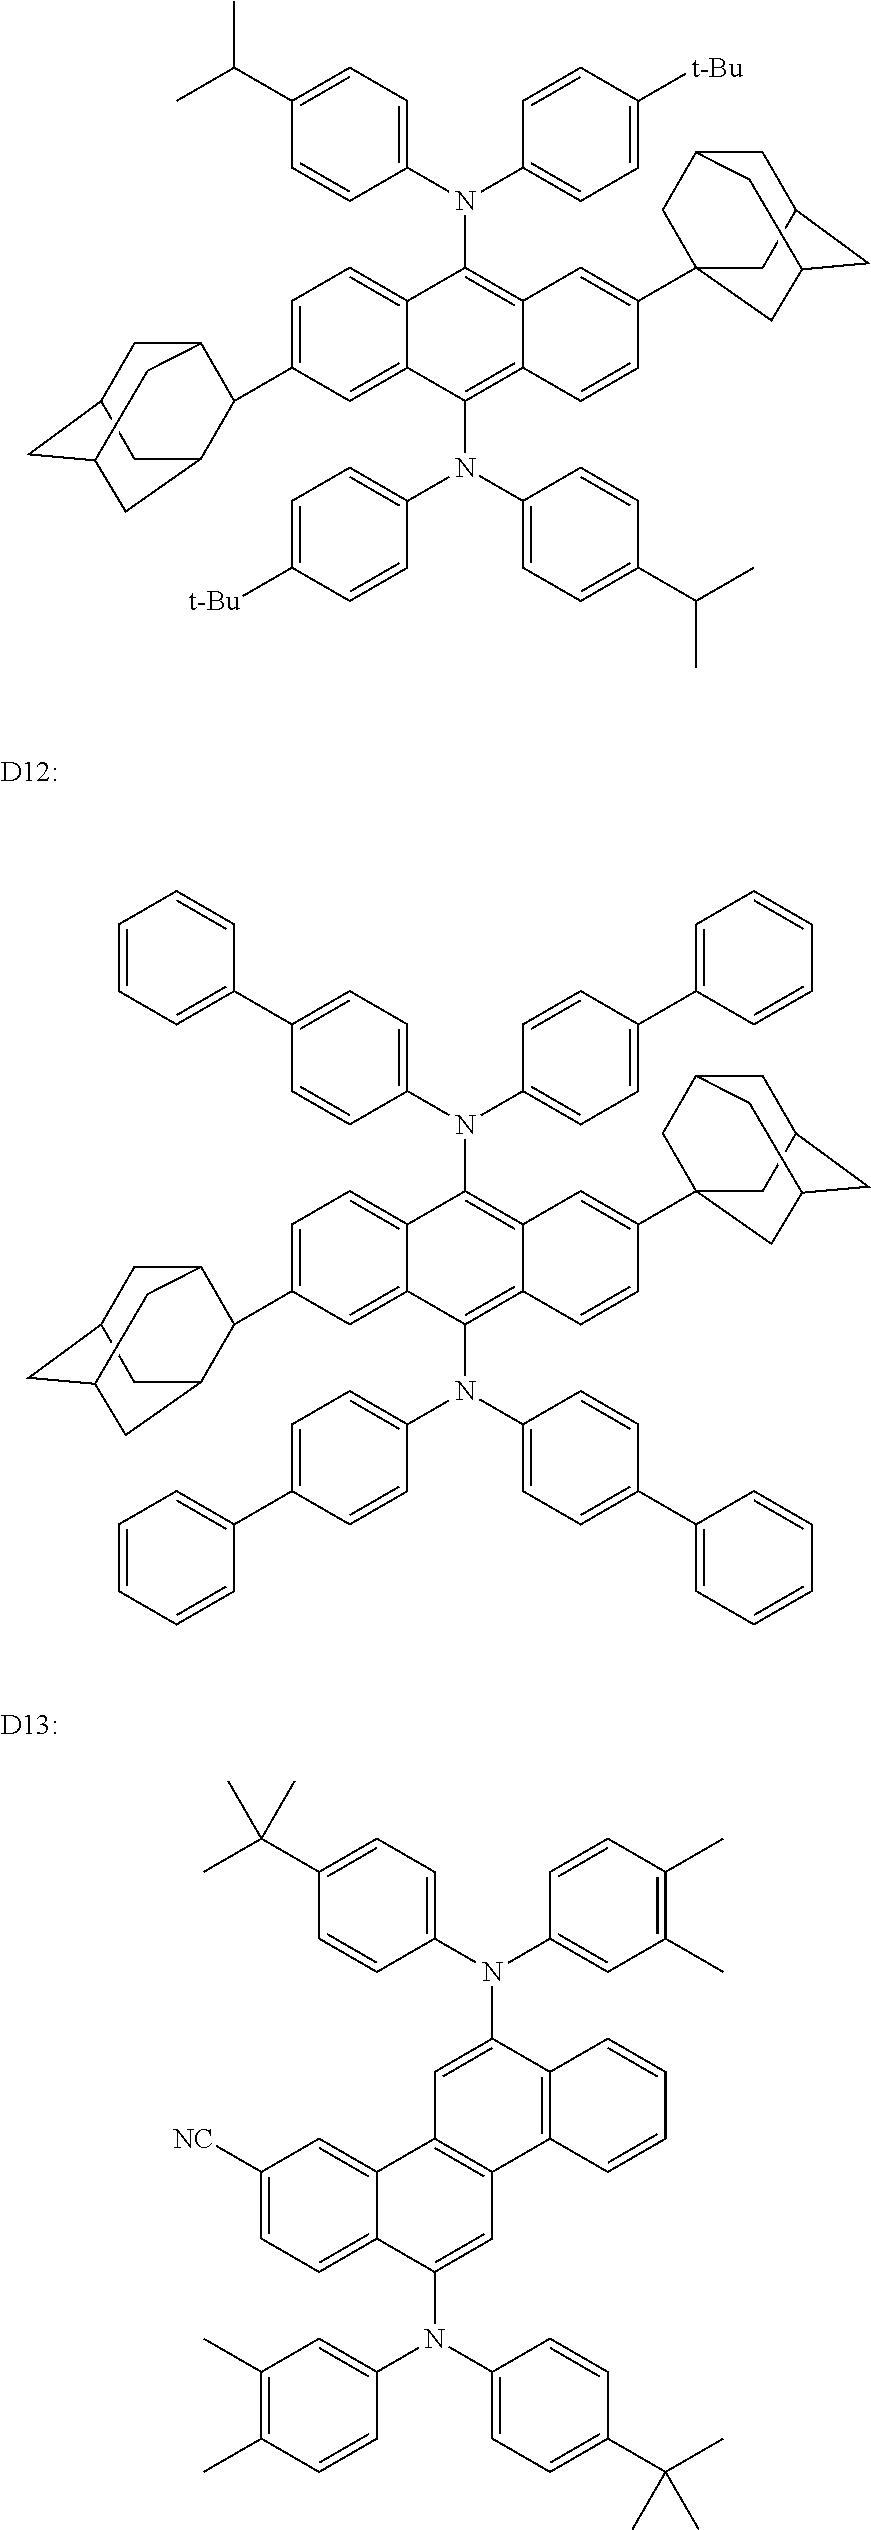 Figure US20110037381A1-20110217-C00019